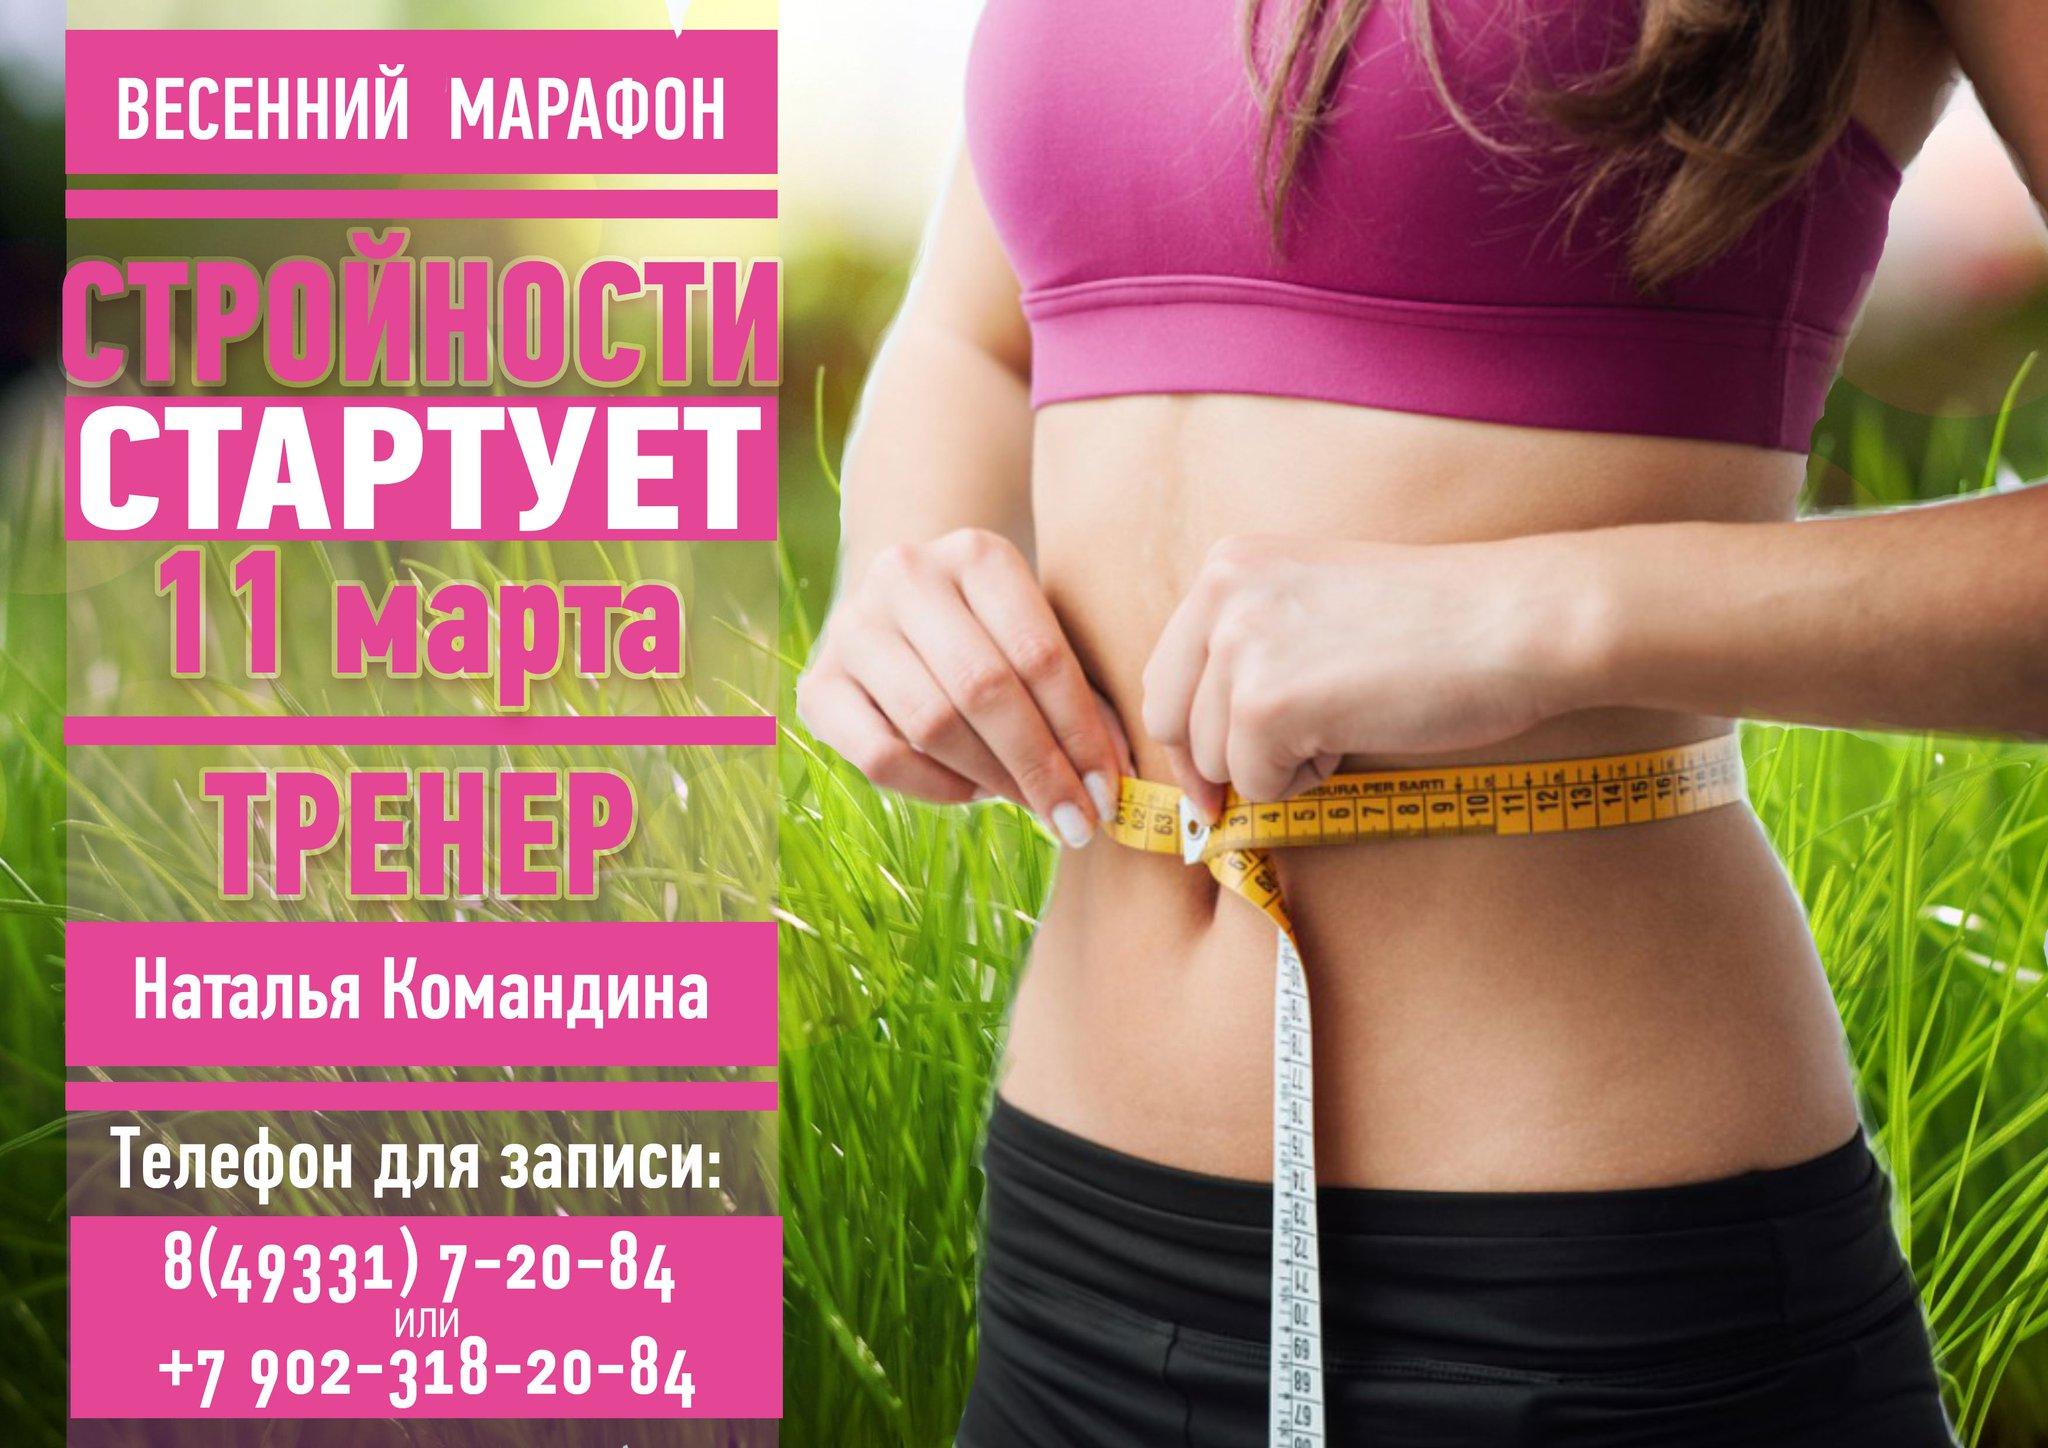 Конкурс По Похудению Спб. Обзор лучших клиник снижения веса в Санкт-Петербурге